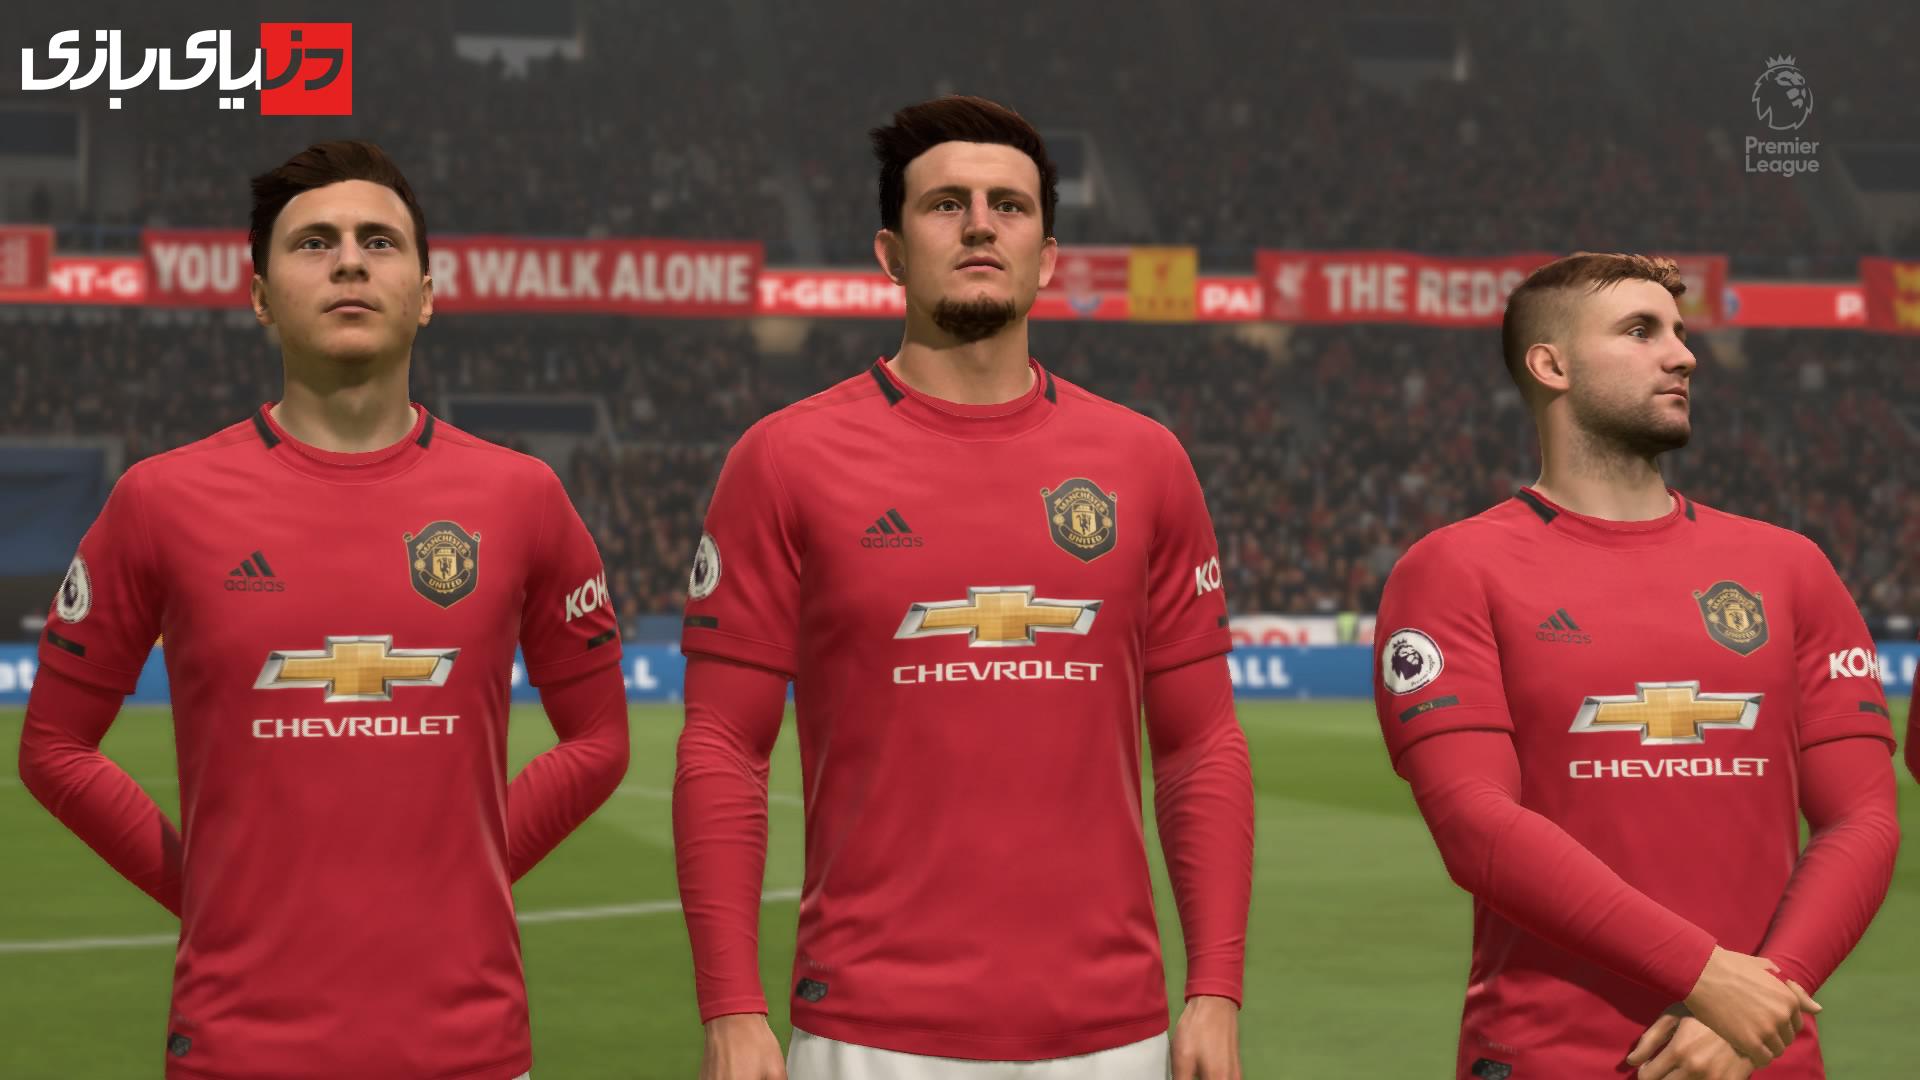 تریلر بازی فیفا 2020